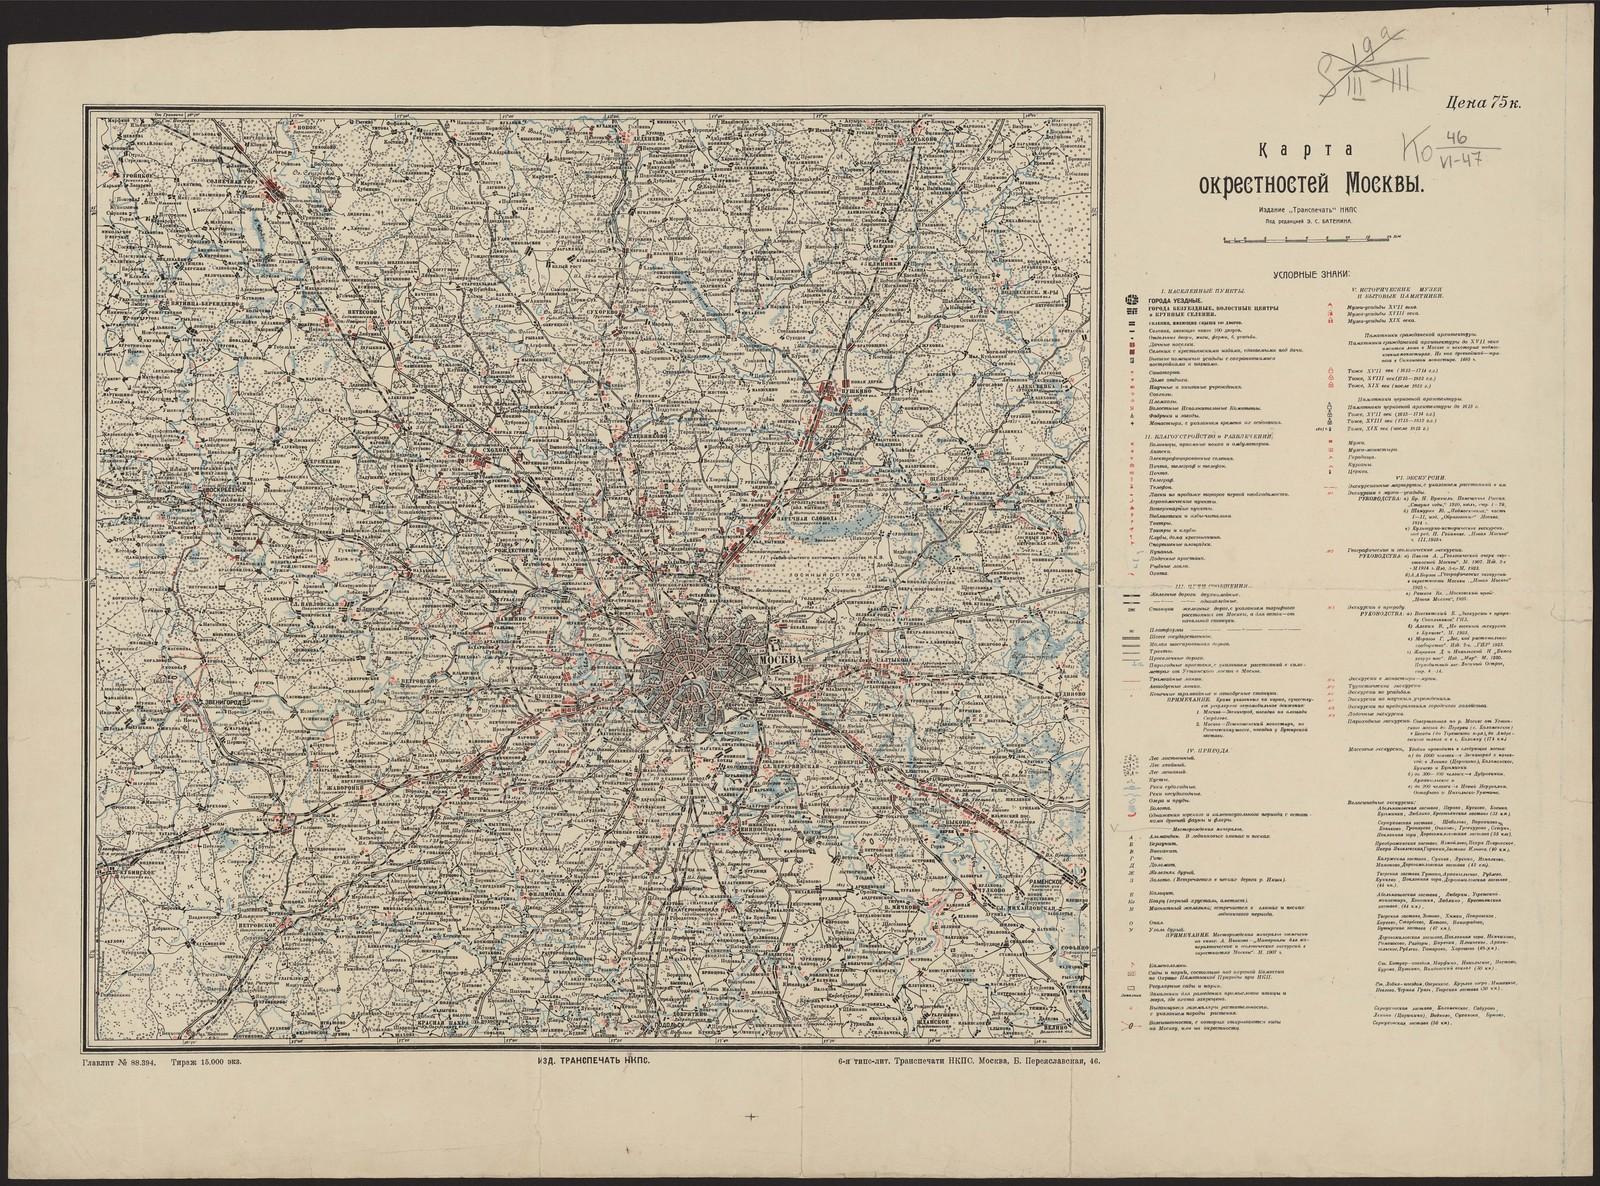 1927. Карта окрестностей Москвы